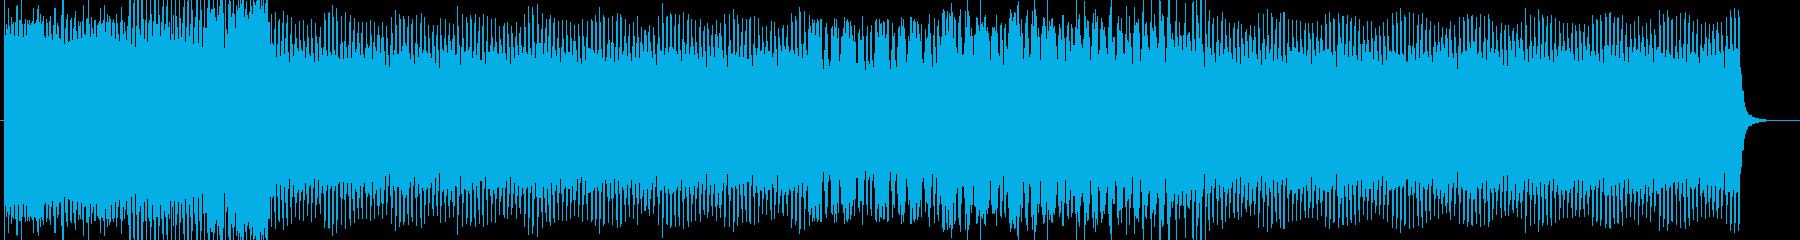 キラキラ輝くような4つ打ちEDMの再生済みの波形